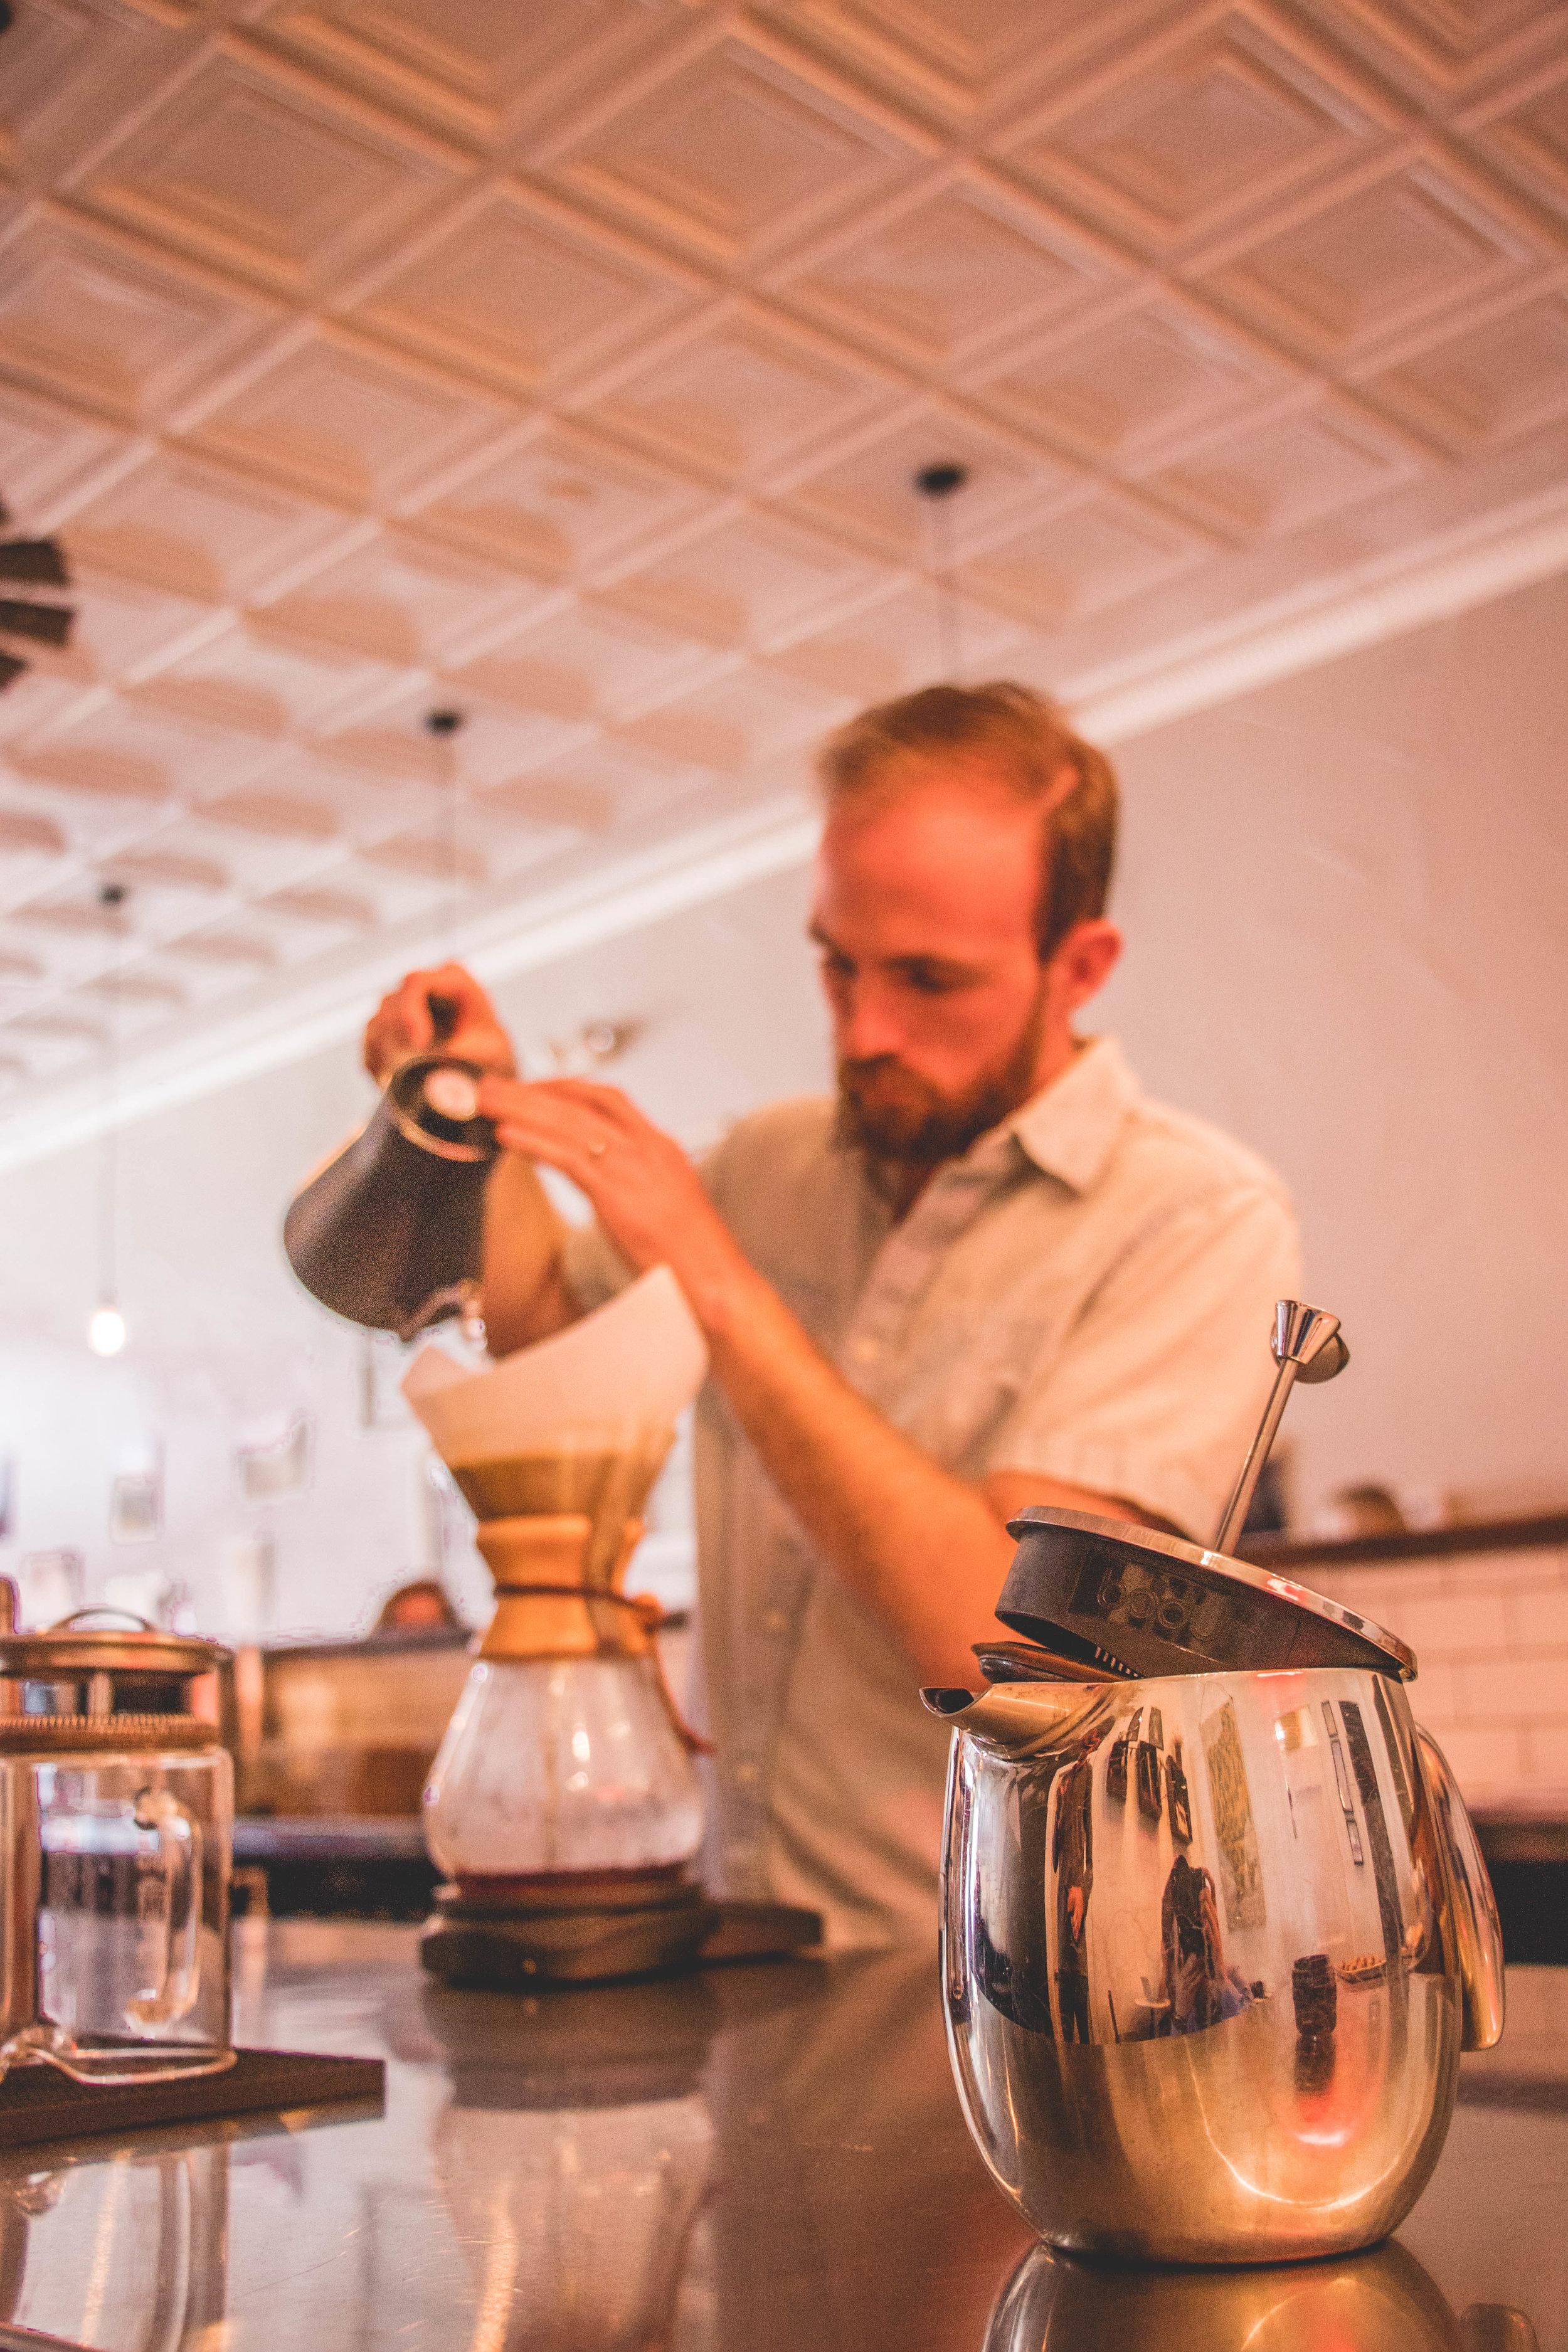 Sugar Brown_s Coffee - 2019 - 06 of 23.jpg